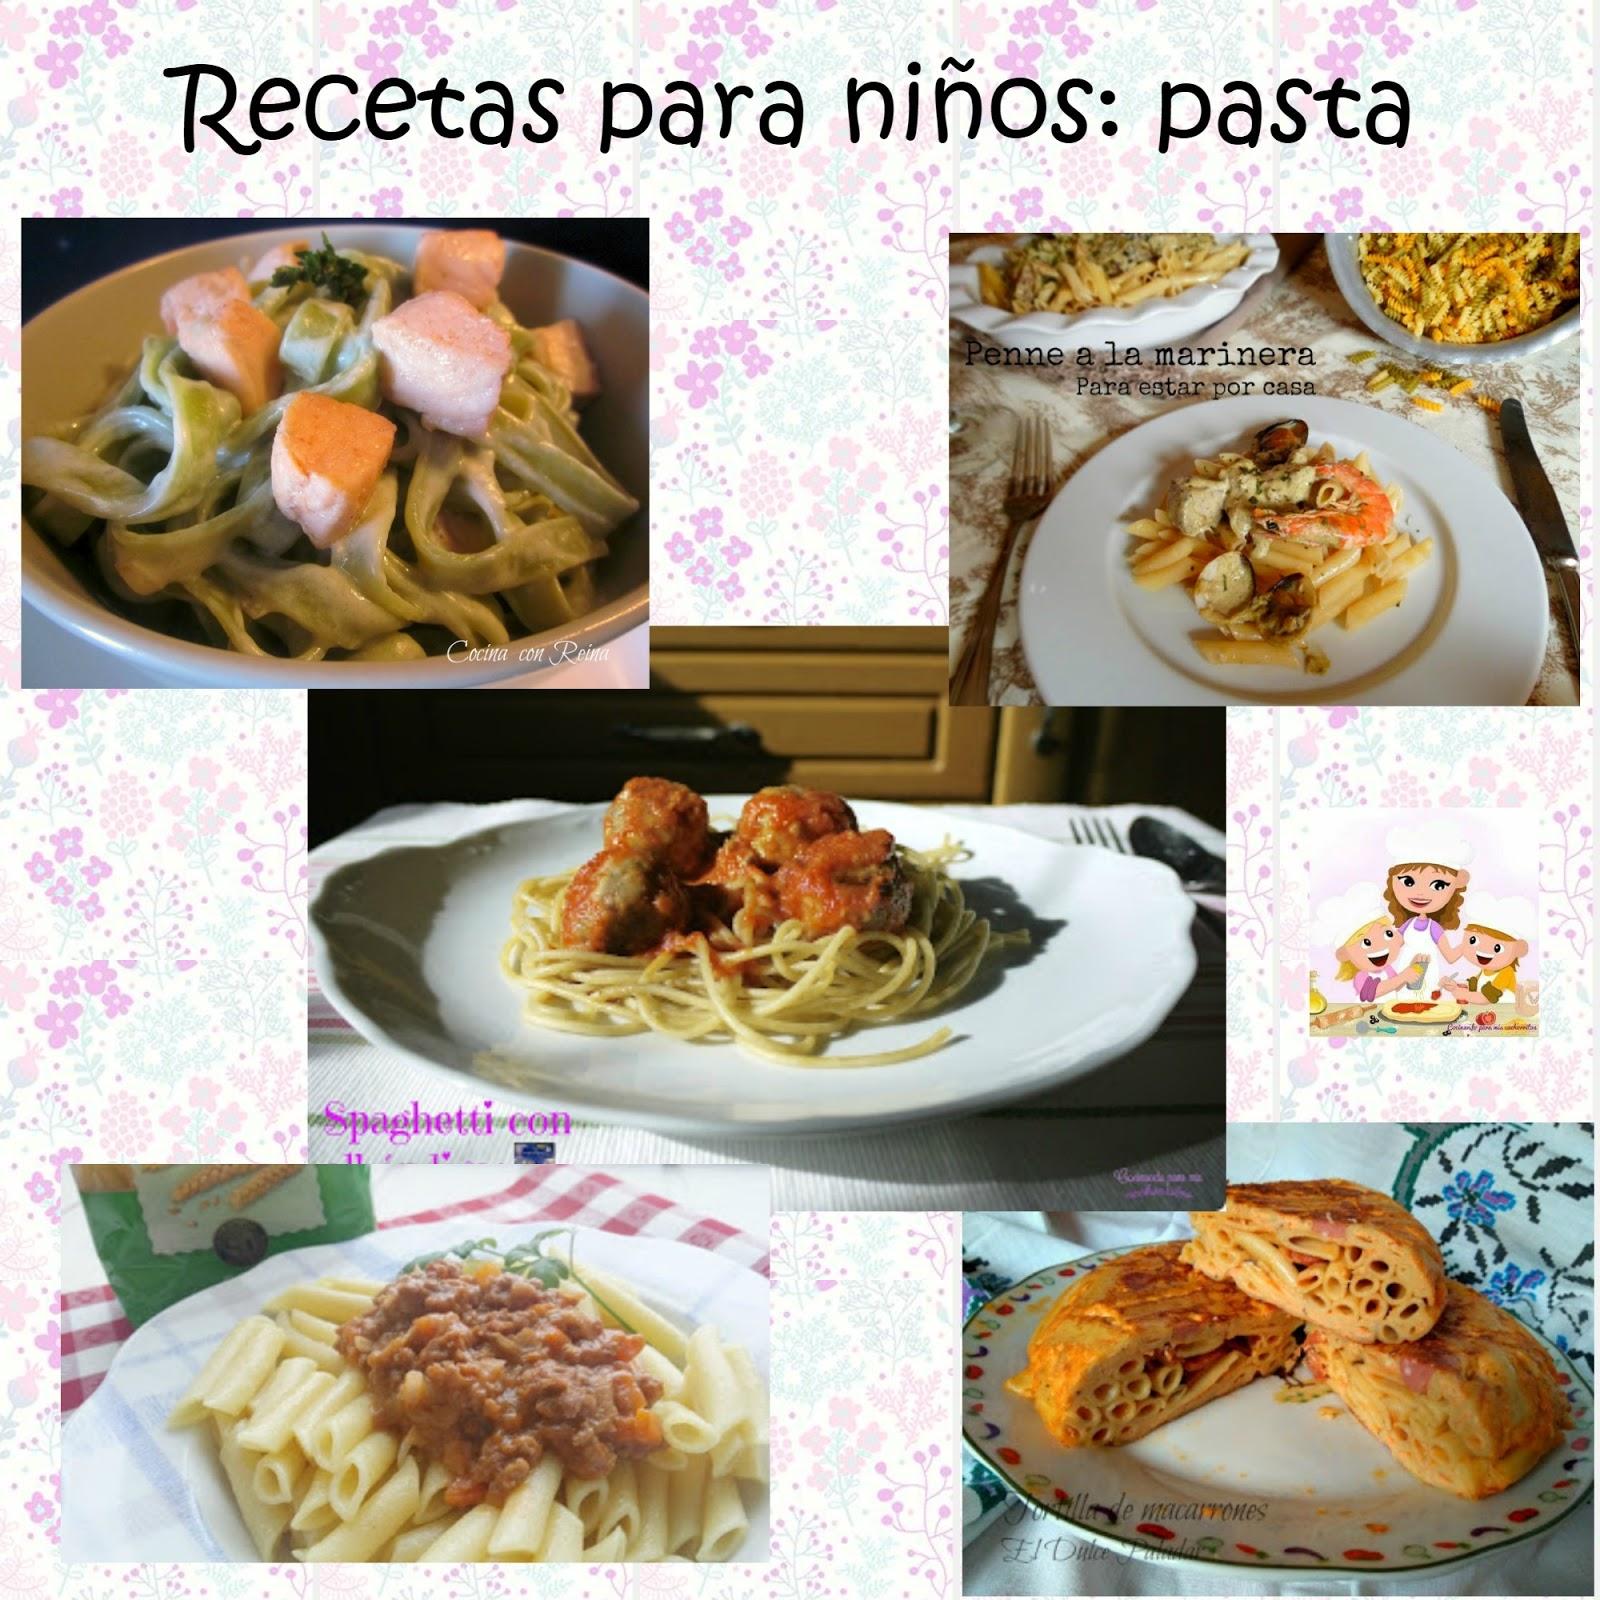 Genial recetas de cocina faciles para ni os fotos recetas - Pequerecetas postres ...